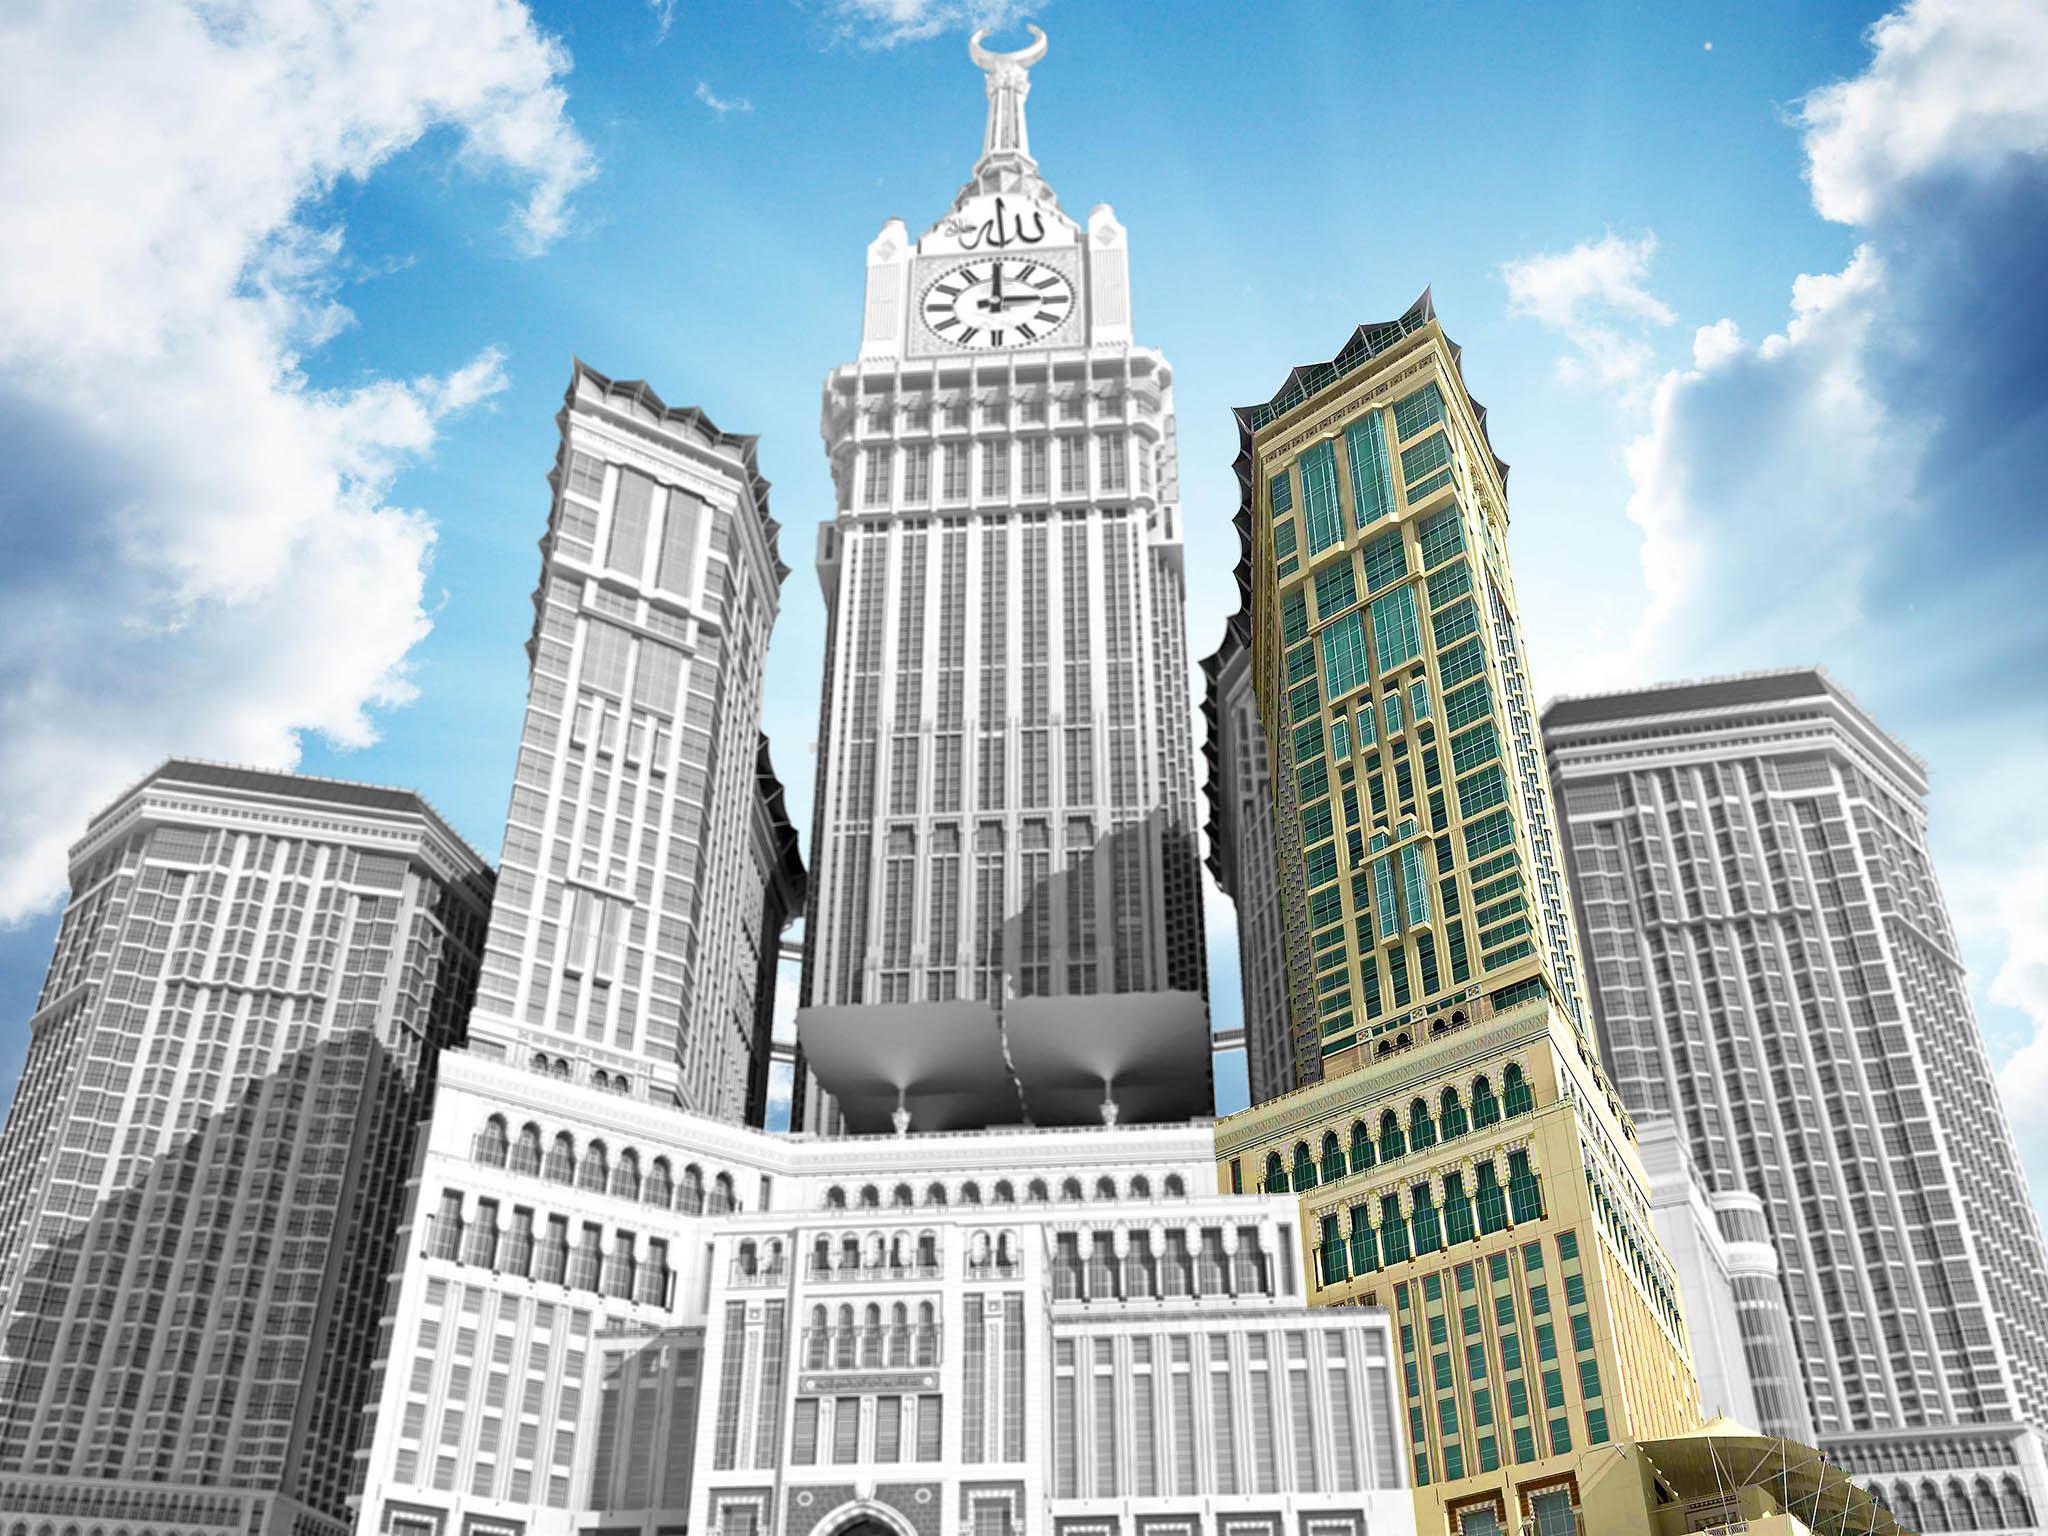 Hotel - Raffles Makkah Palace